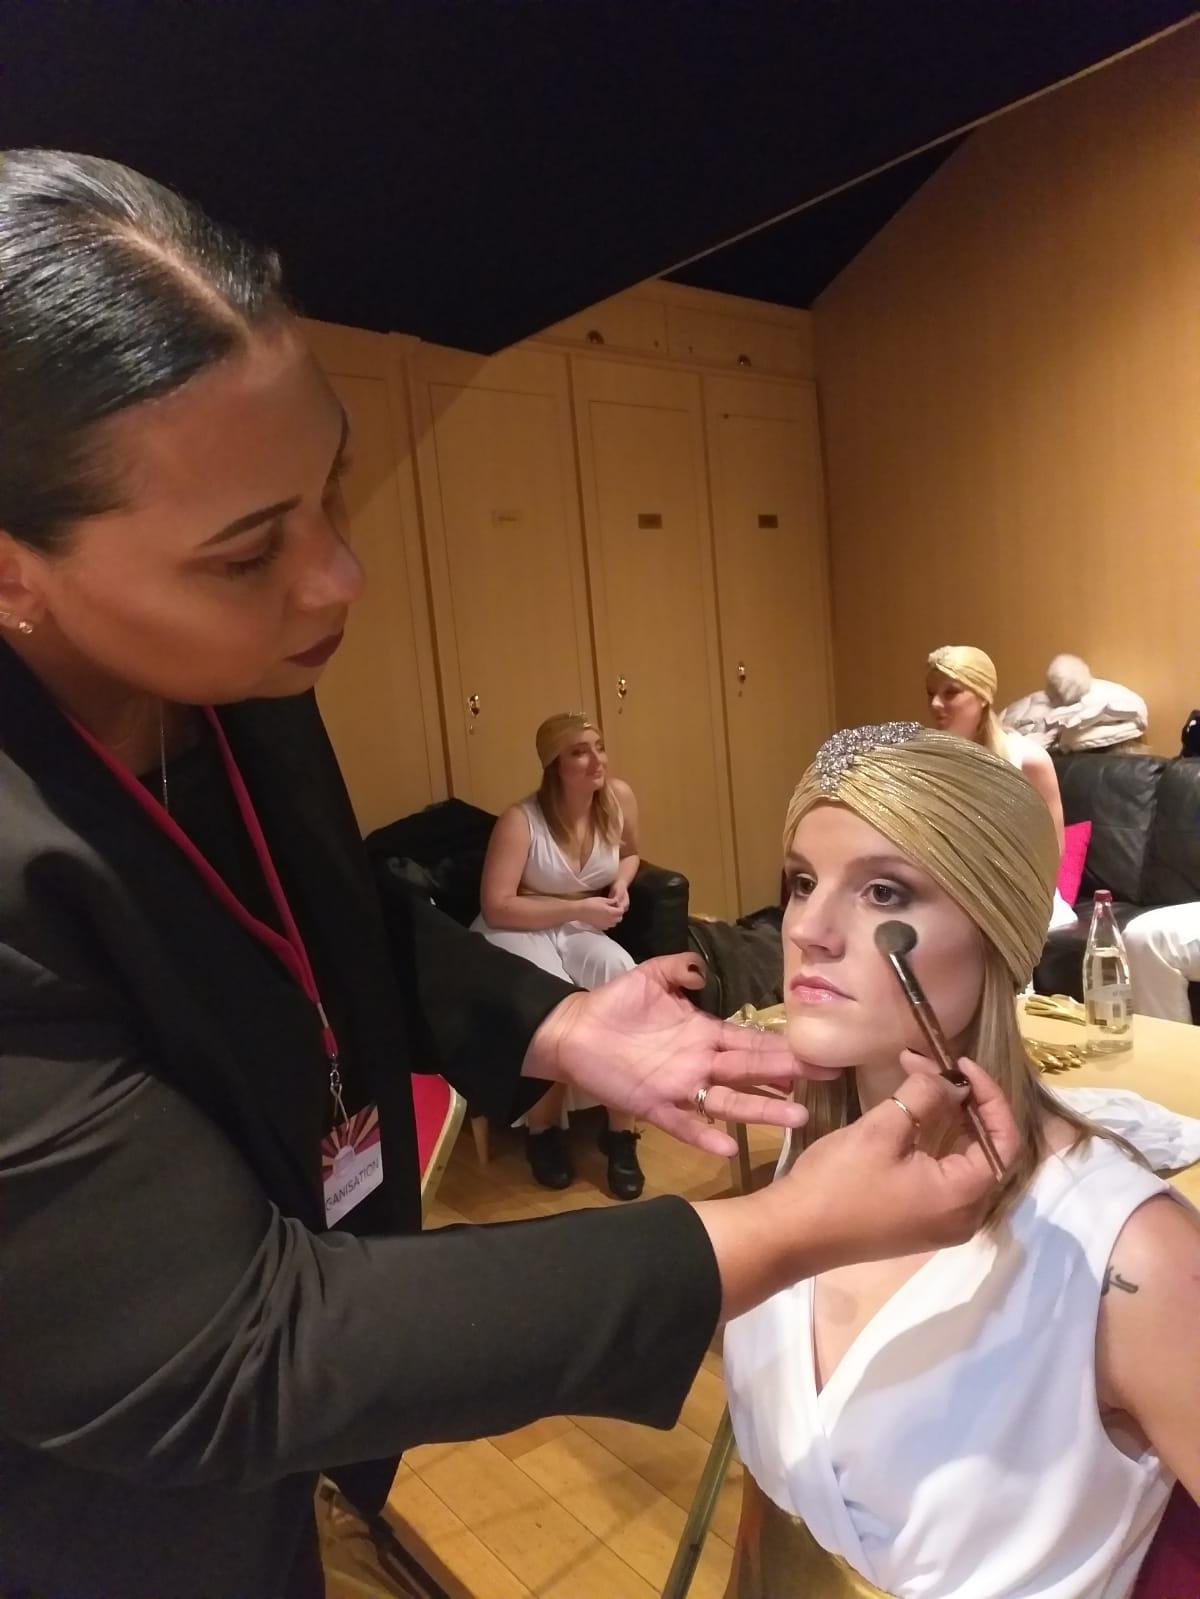 Séance Maquillage au Cirque d'Hiver